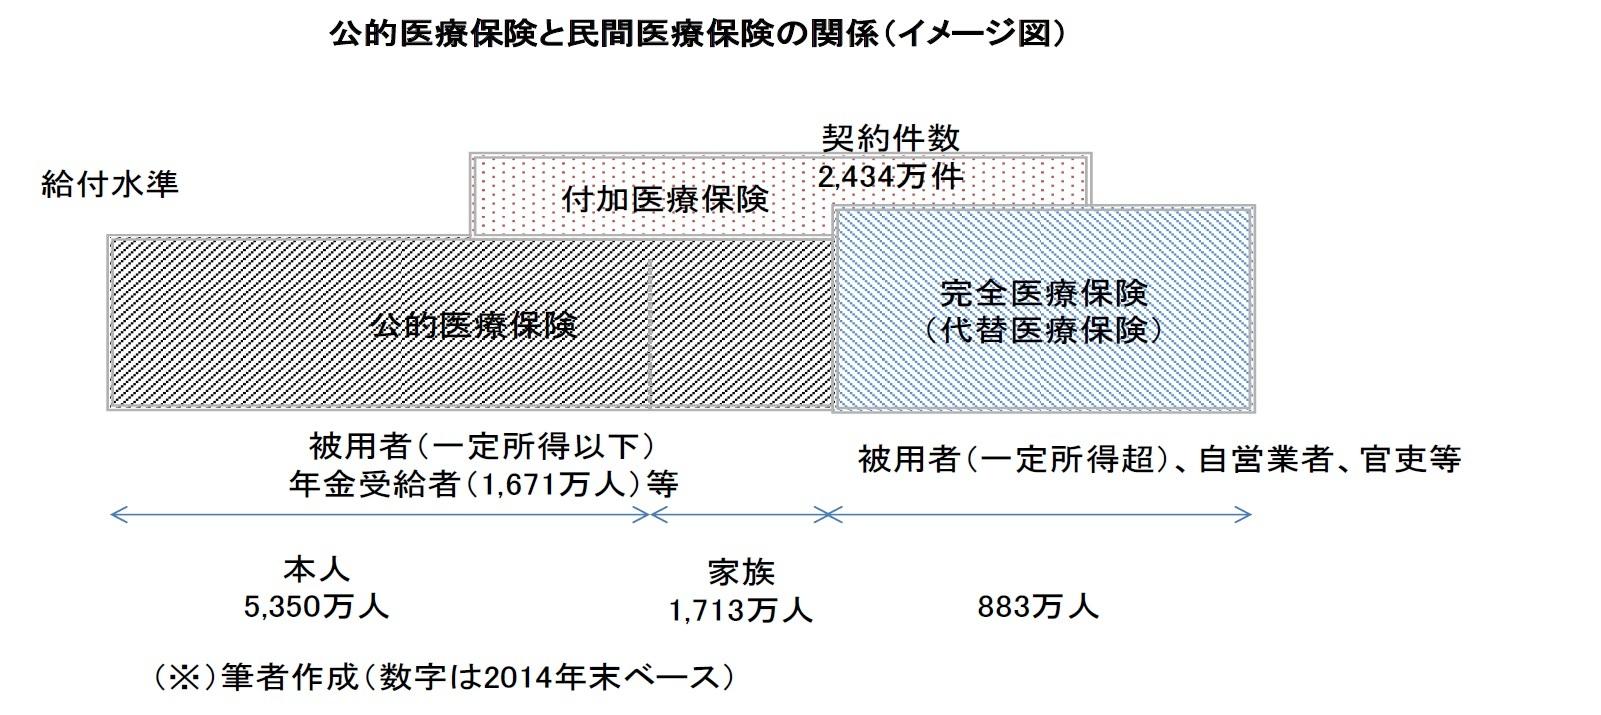 公的医療保険と民間医療保険の関係(イメージ図)